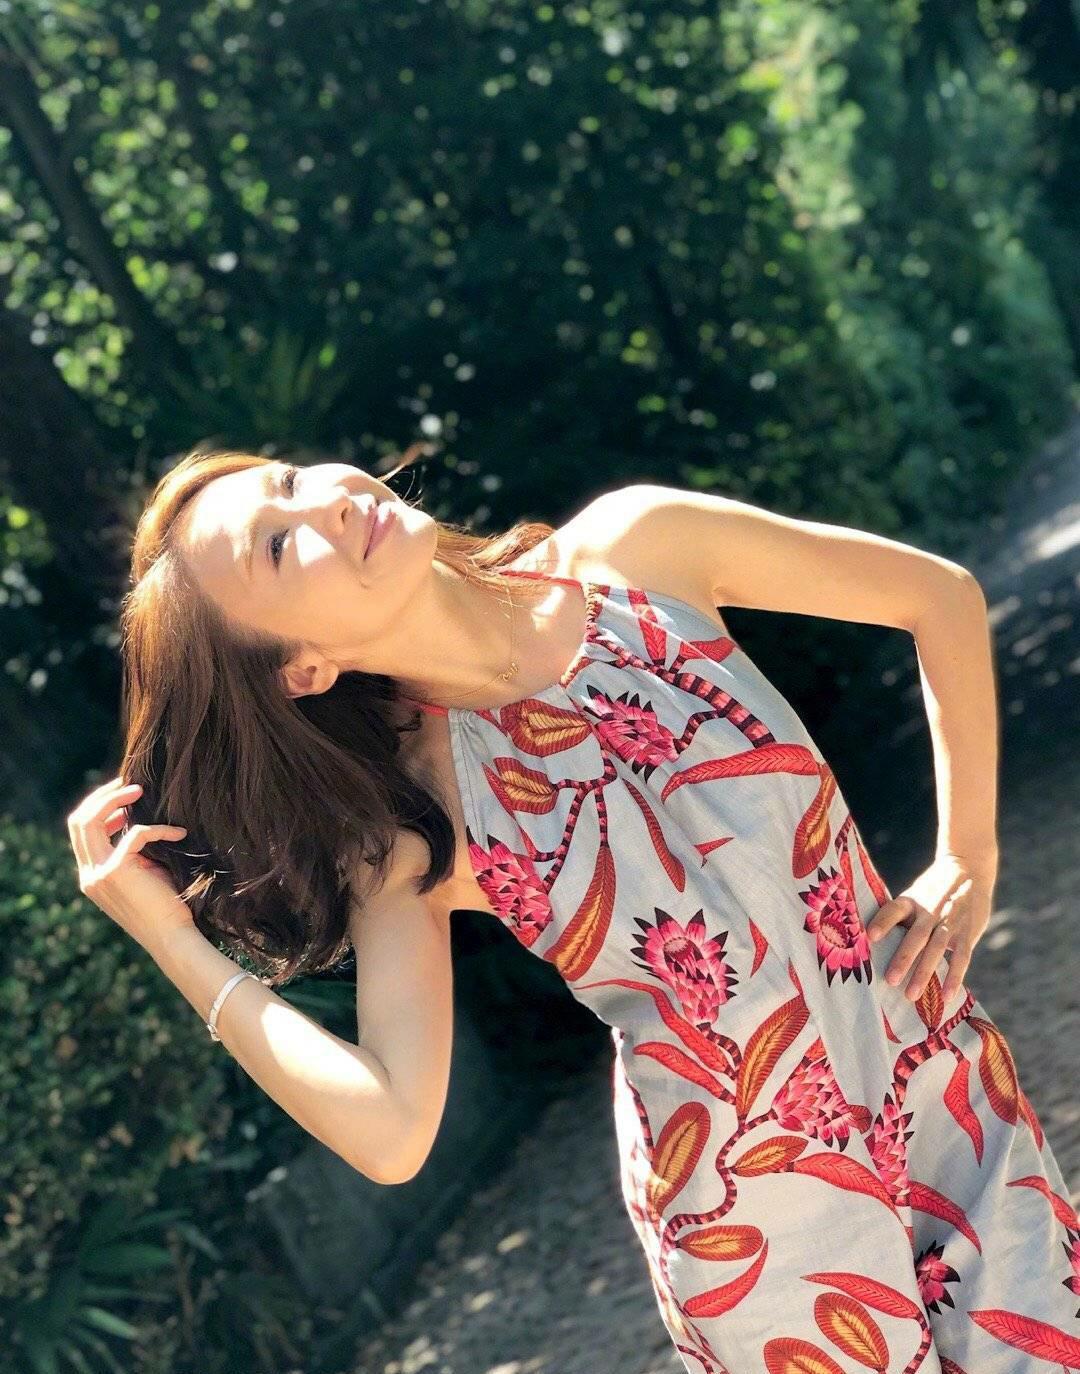 黎姿才是真女神,穿斜领口气质裙秀出完美身材,配宽腰带更显时尚